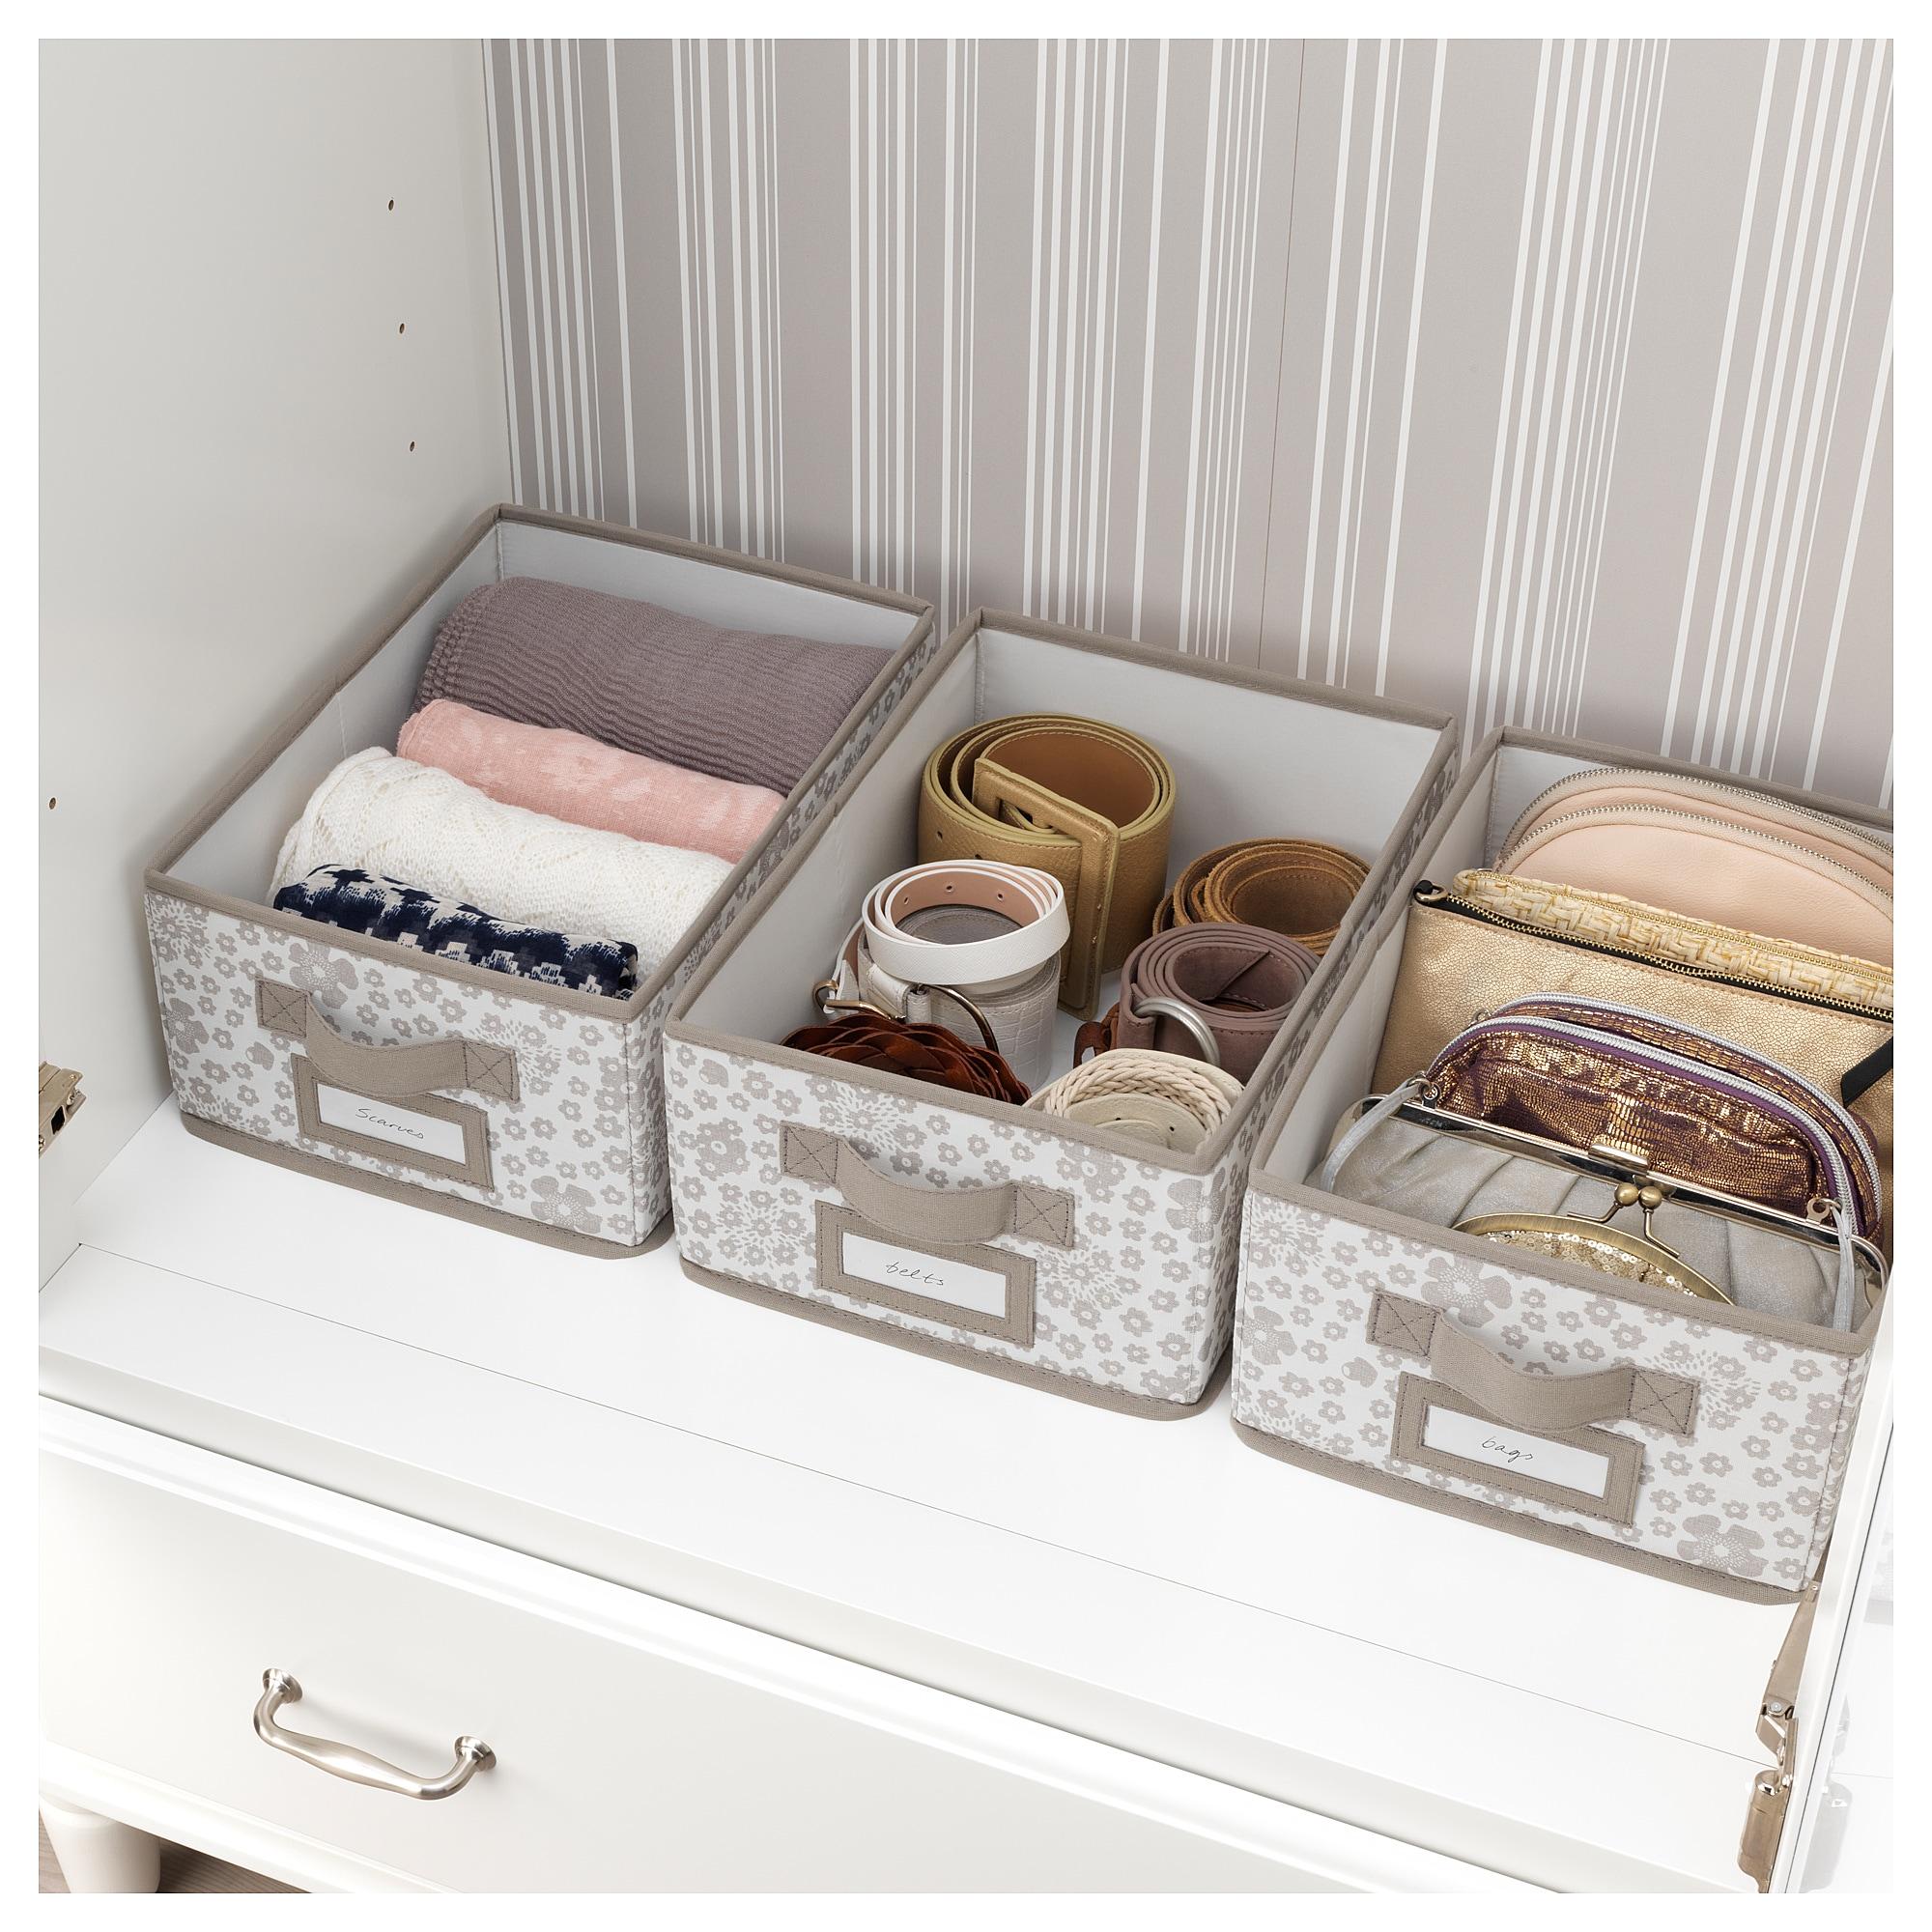 Storstabbe Box With Lid Beige Ikea Canada Ikea Decorative Storage Decorative Storage Boxes Ikea